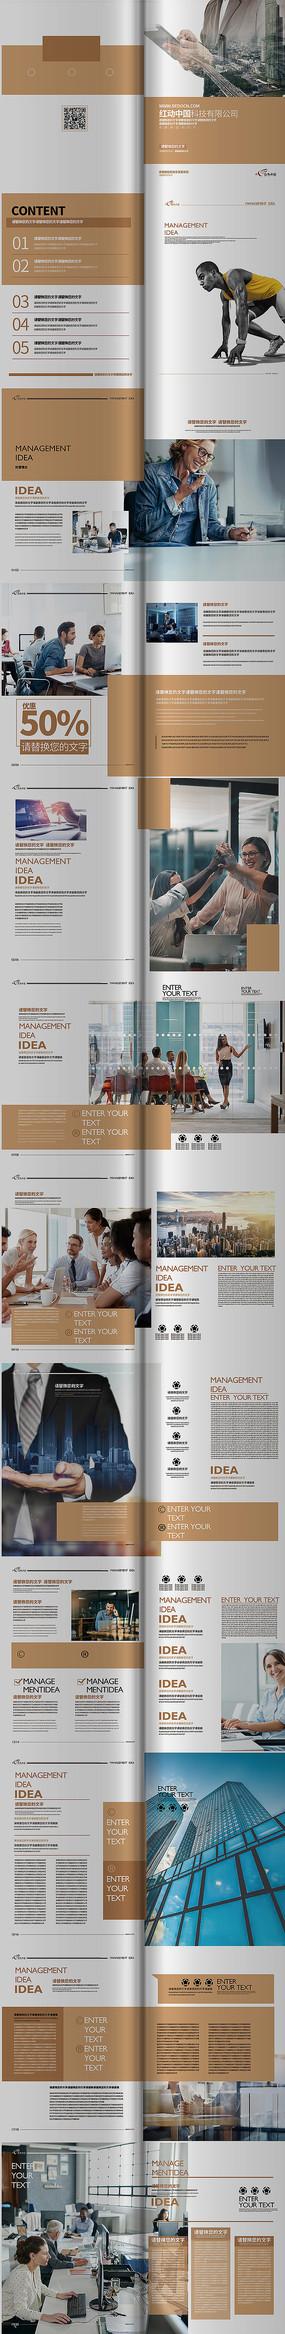 企业商务办公画册版式设计